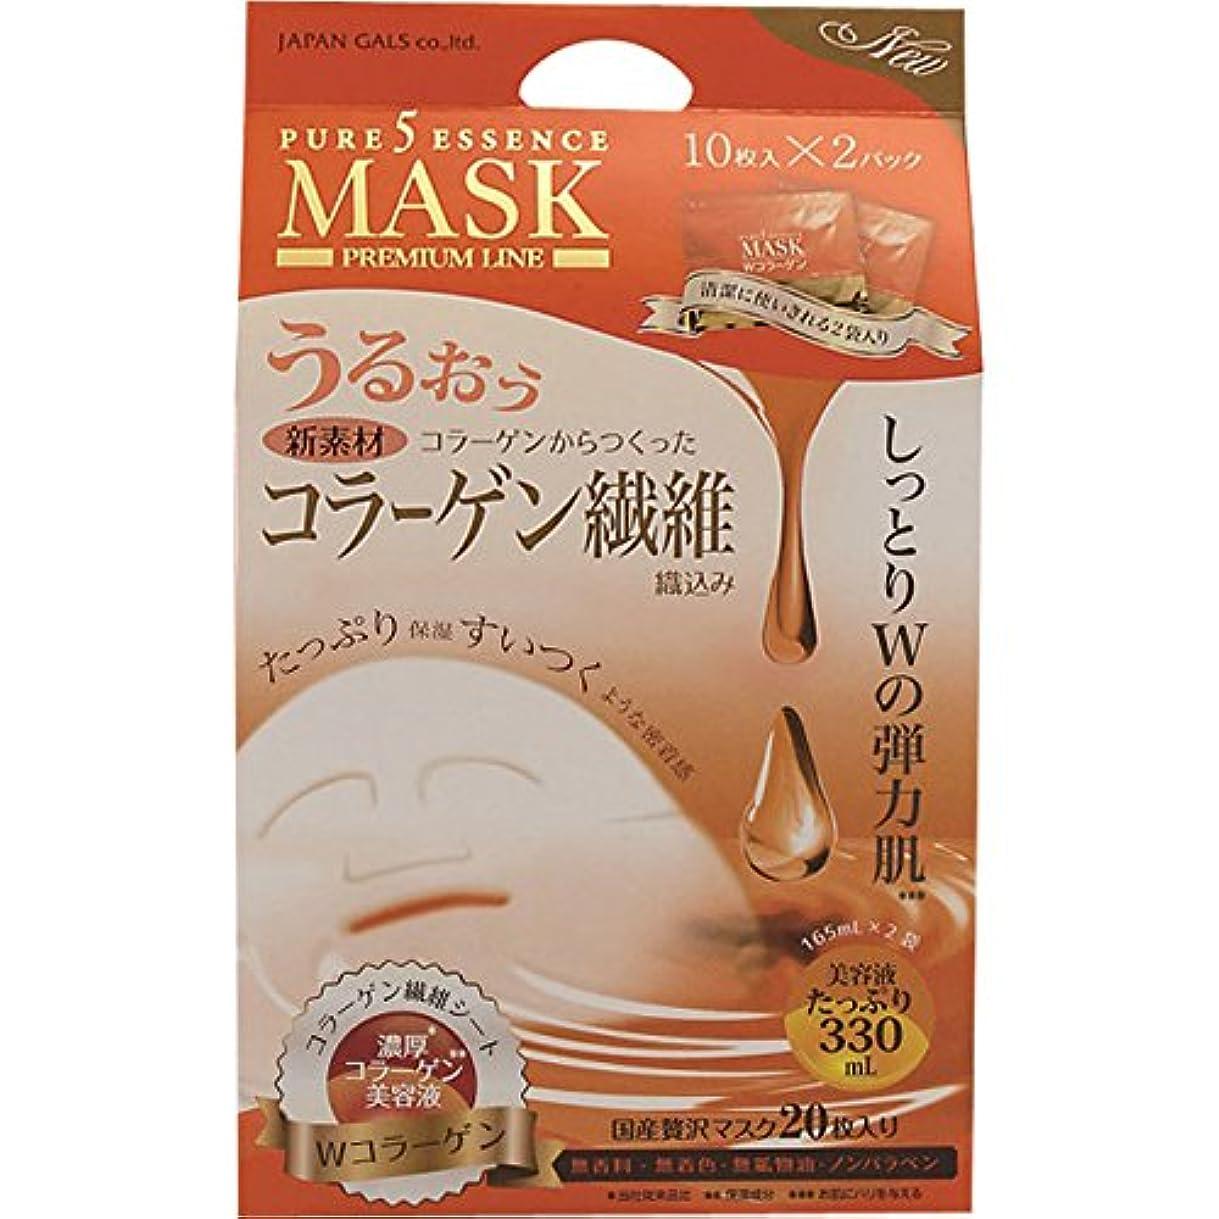 グリース色合いインフレーションピュアファイブエッセンスマスク(WCO)Wコラーゲン